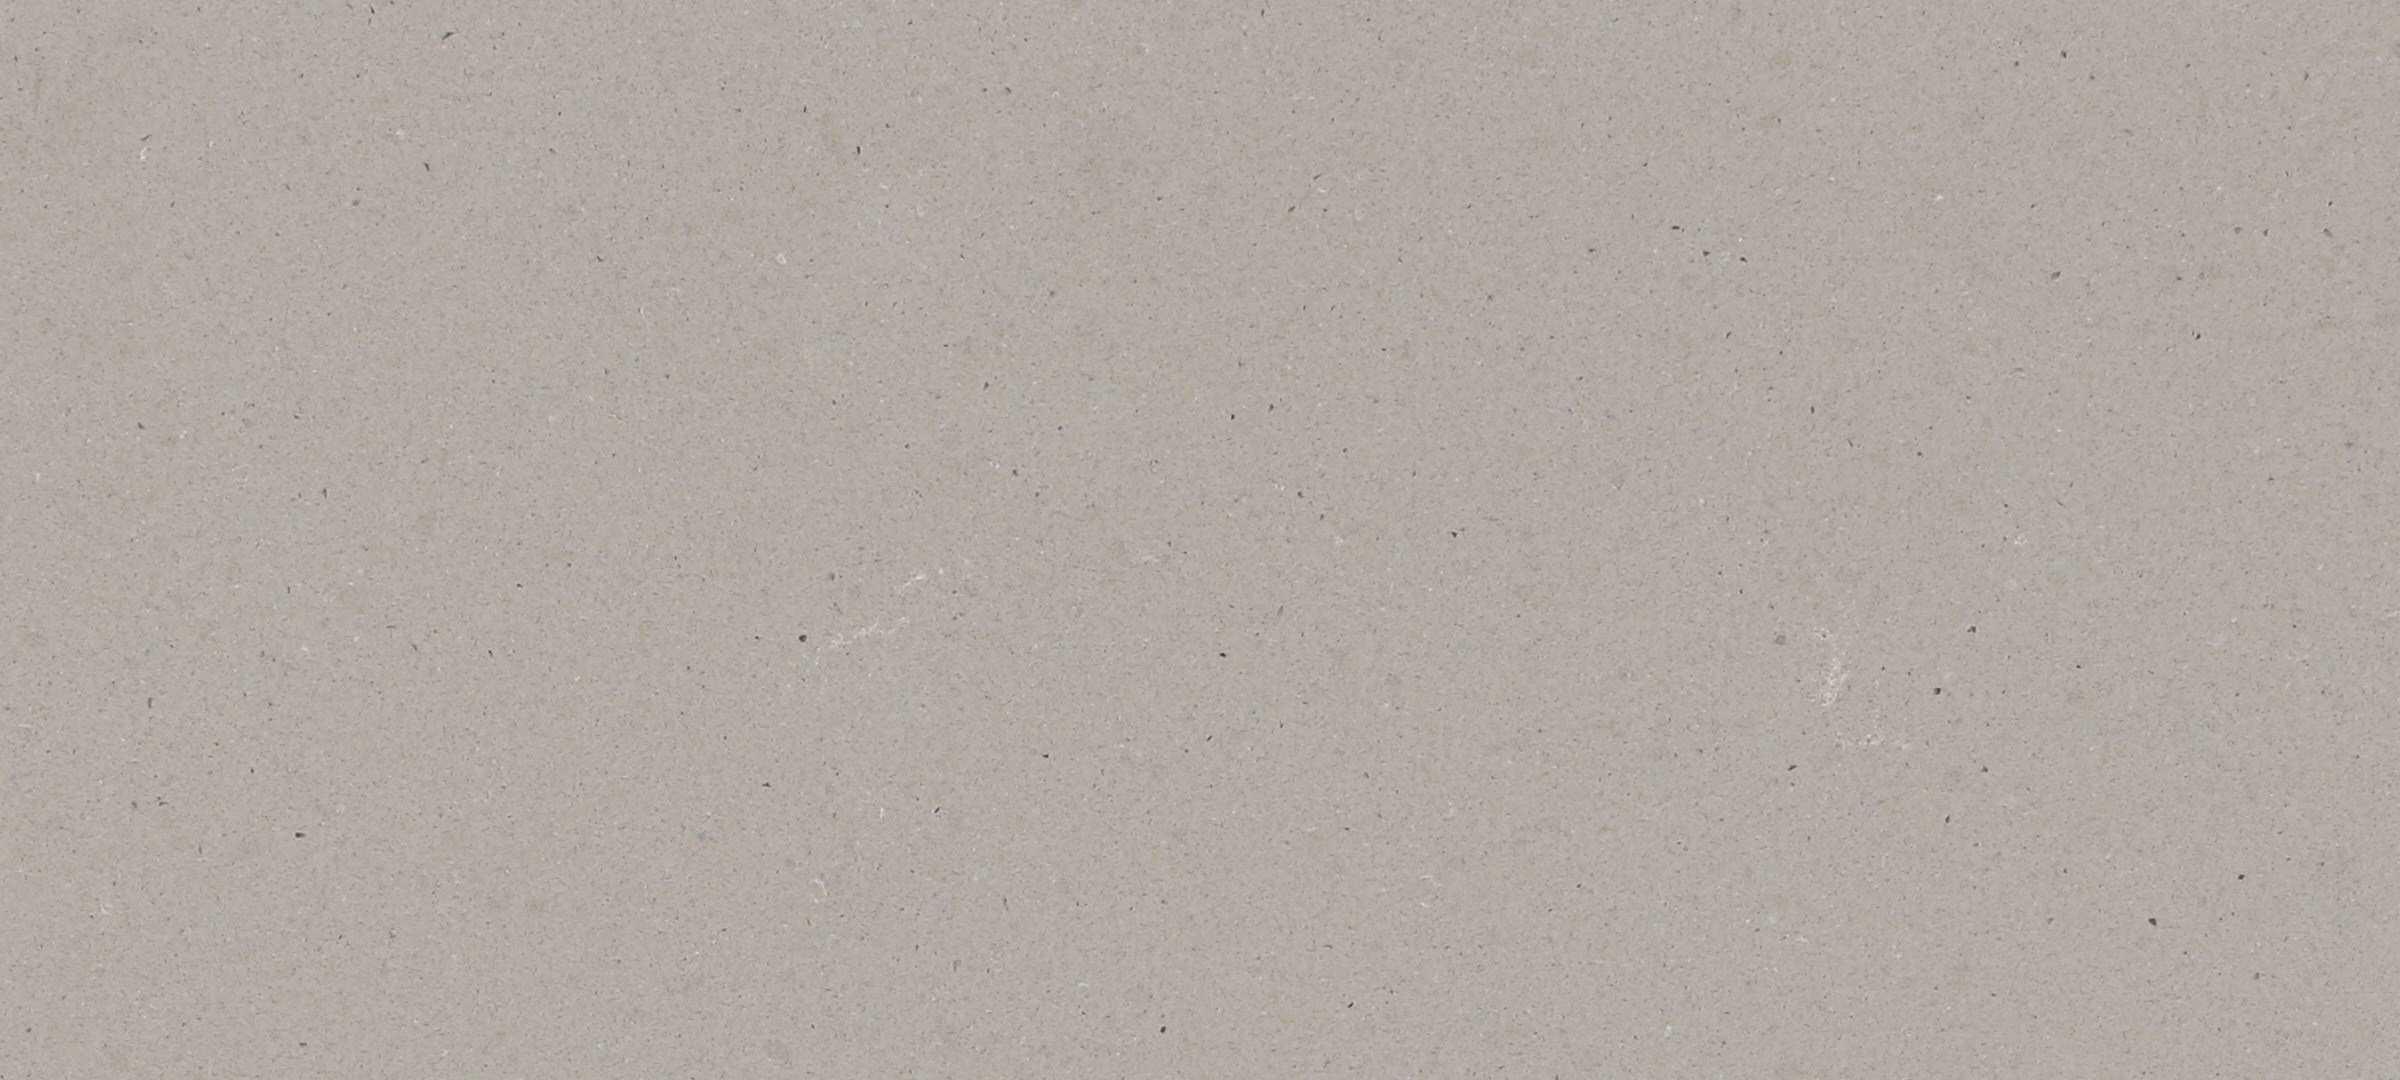 4004 Raw Concert Caesarstone Quartz